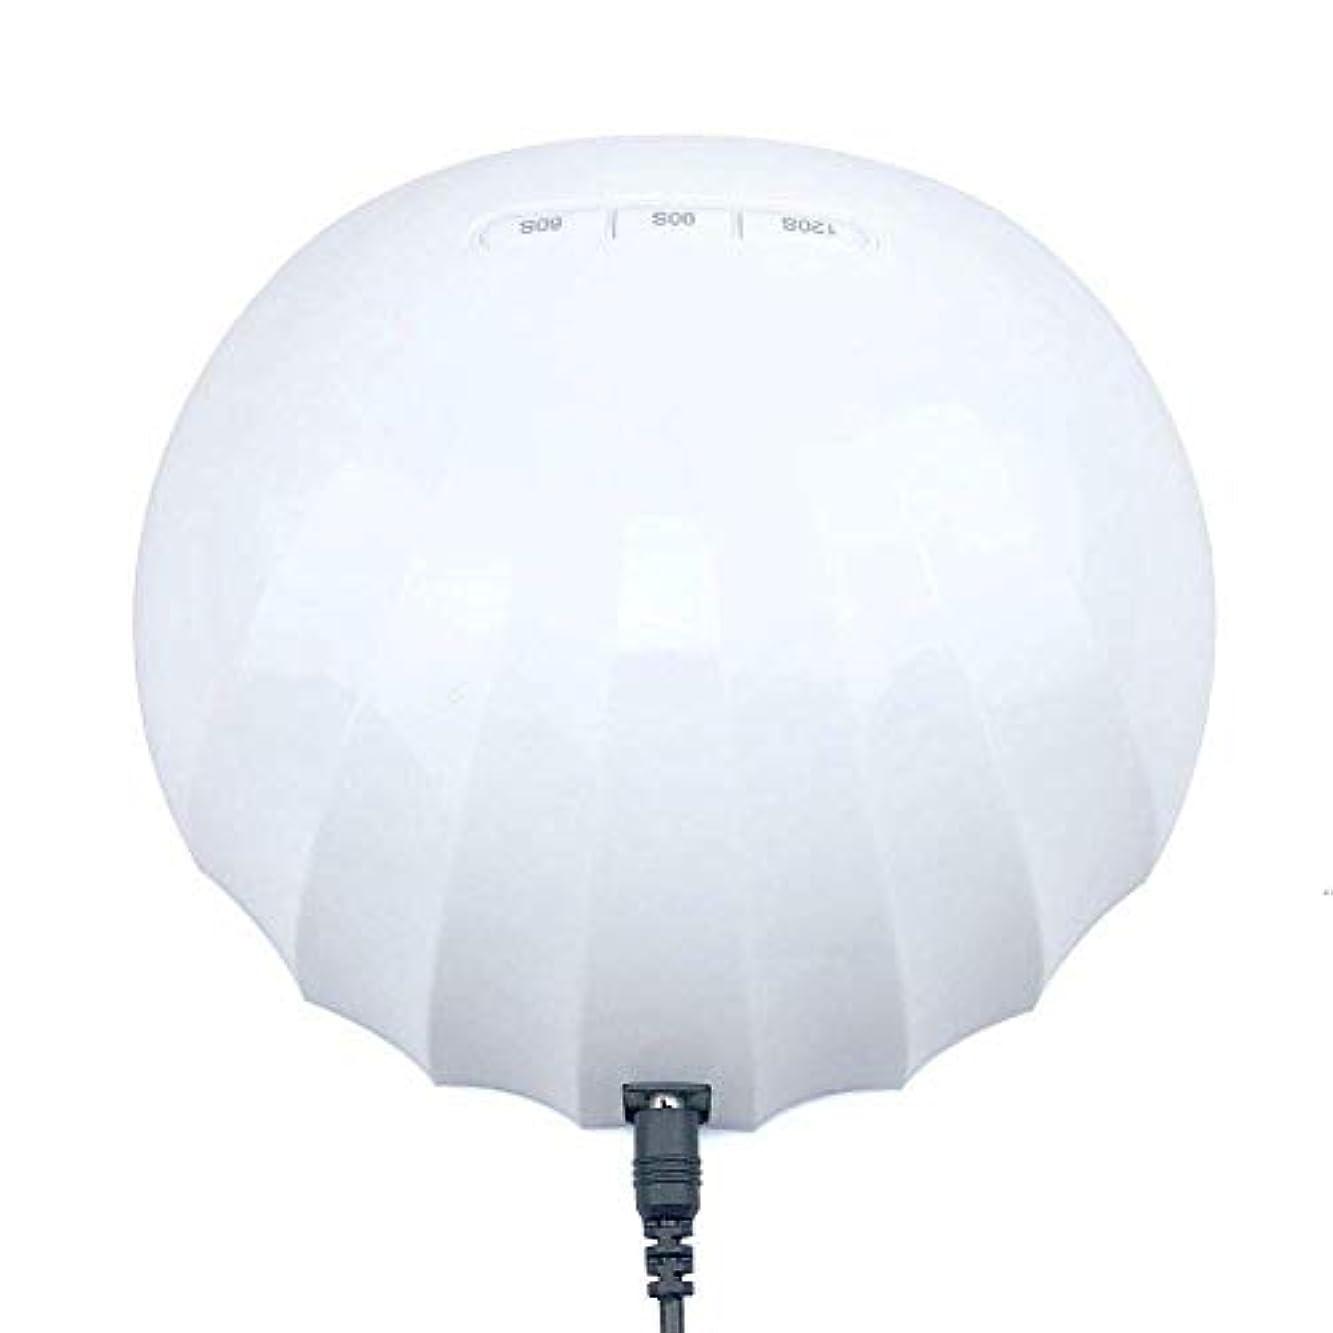 ガム口径汚物ネイルドライヤー36ワットuvライトネイルドライヤー太陽ledランプネイル用ゲルポリッシュ硬化ダブルパワーネイルアートツール、画像としての色